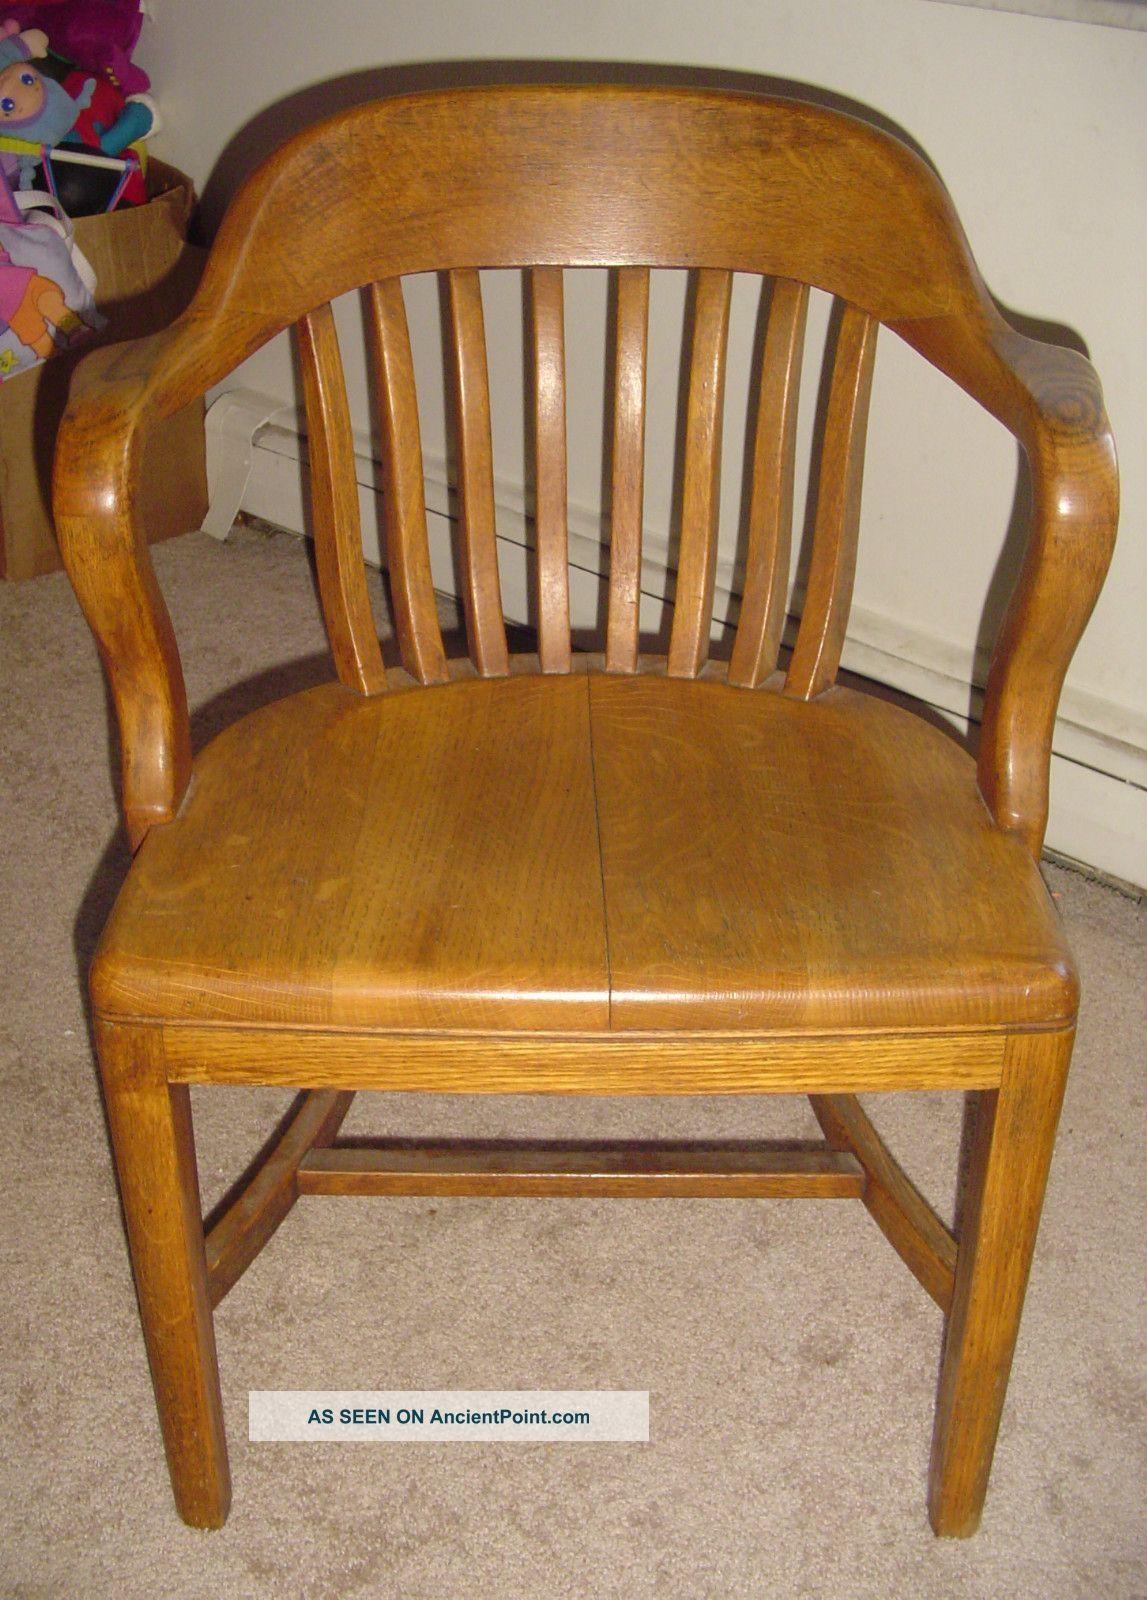 Antique bankers desk chair devintavern pinterest desks